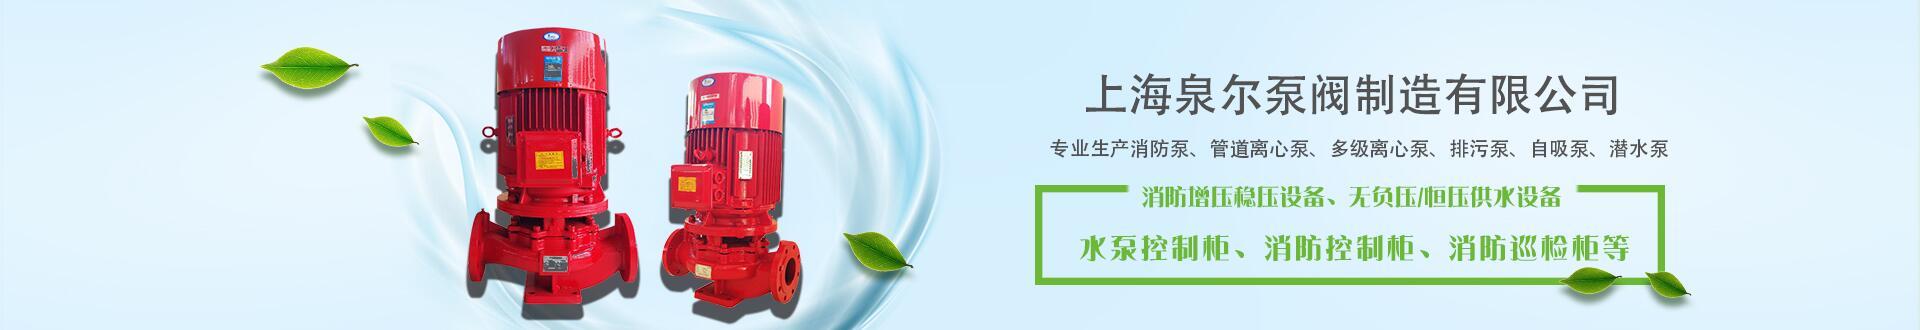 上海泉尔泵阀制造有限公司总部